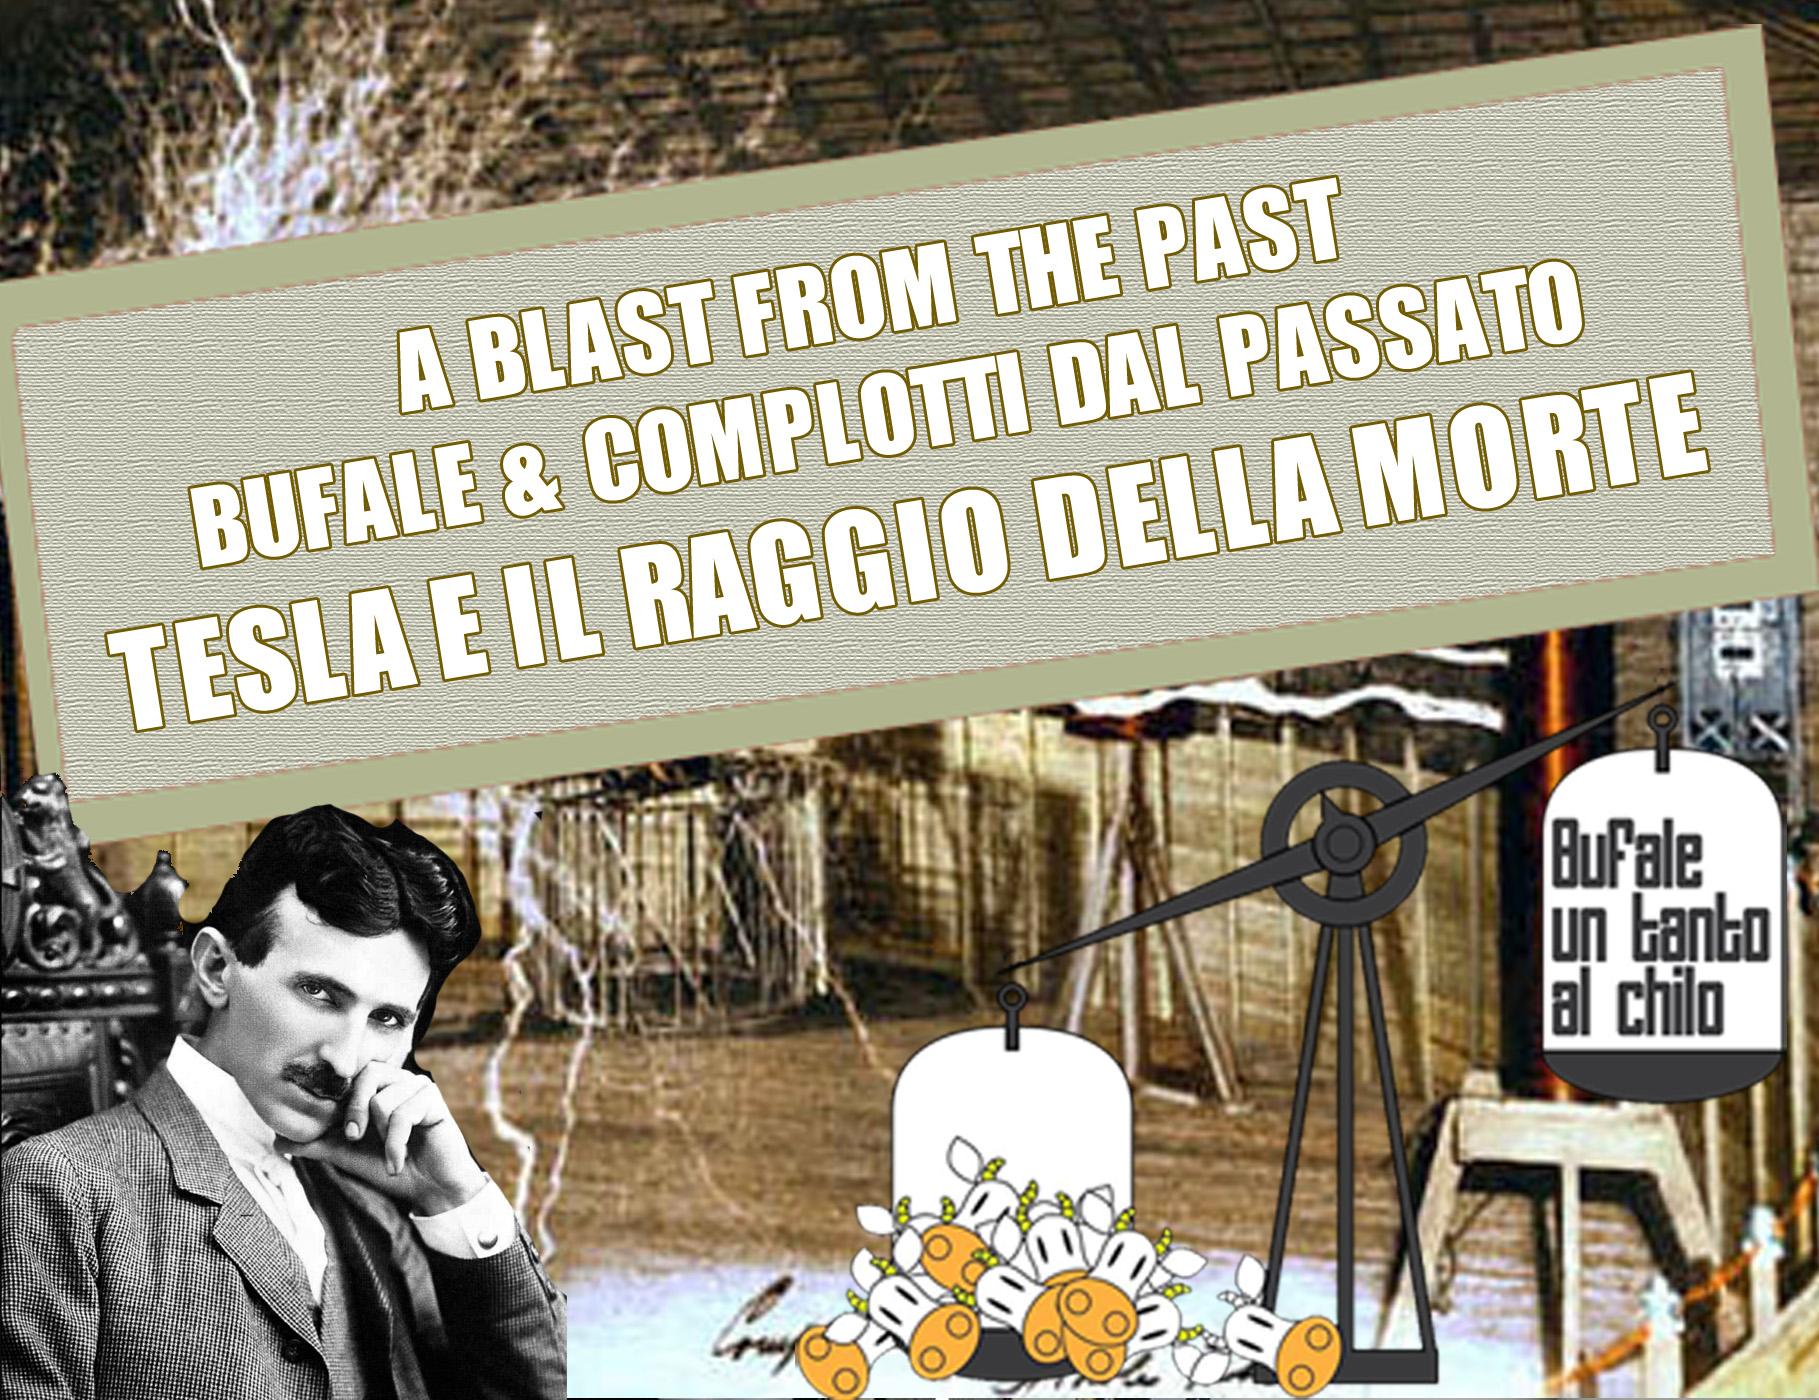 aedc715e01e X FACTOR original  Complottismo  90 Style Episode 1 — BUTAC - Bufale ...